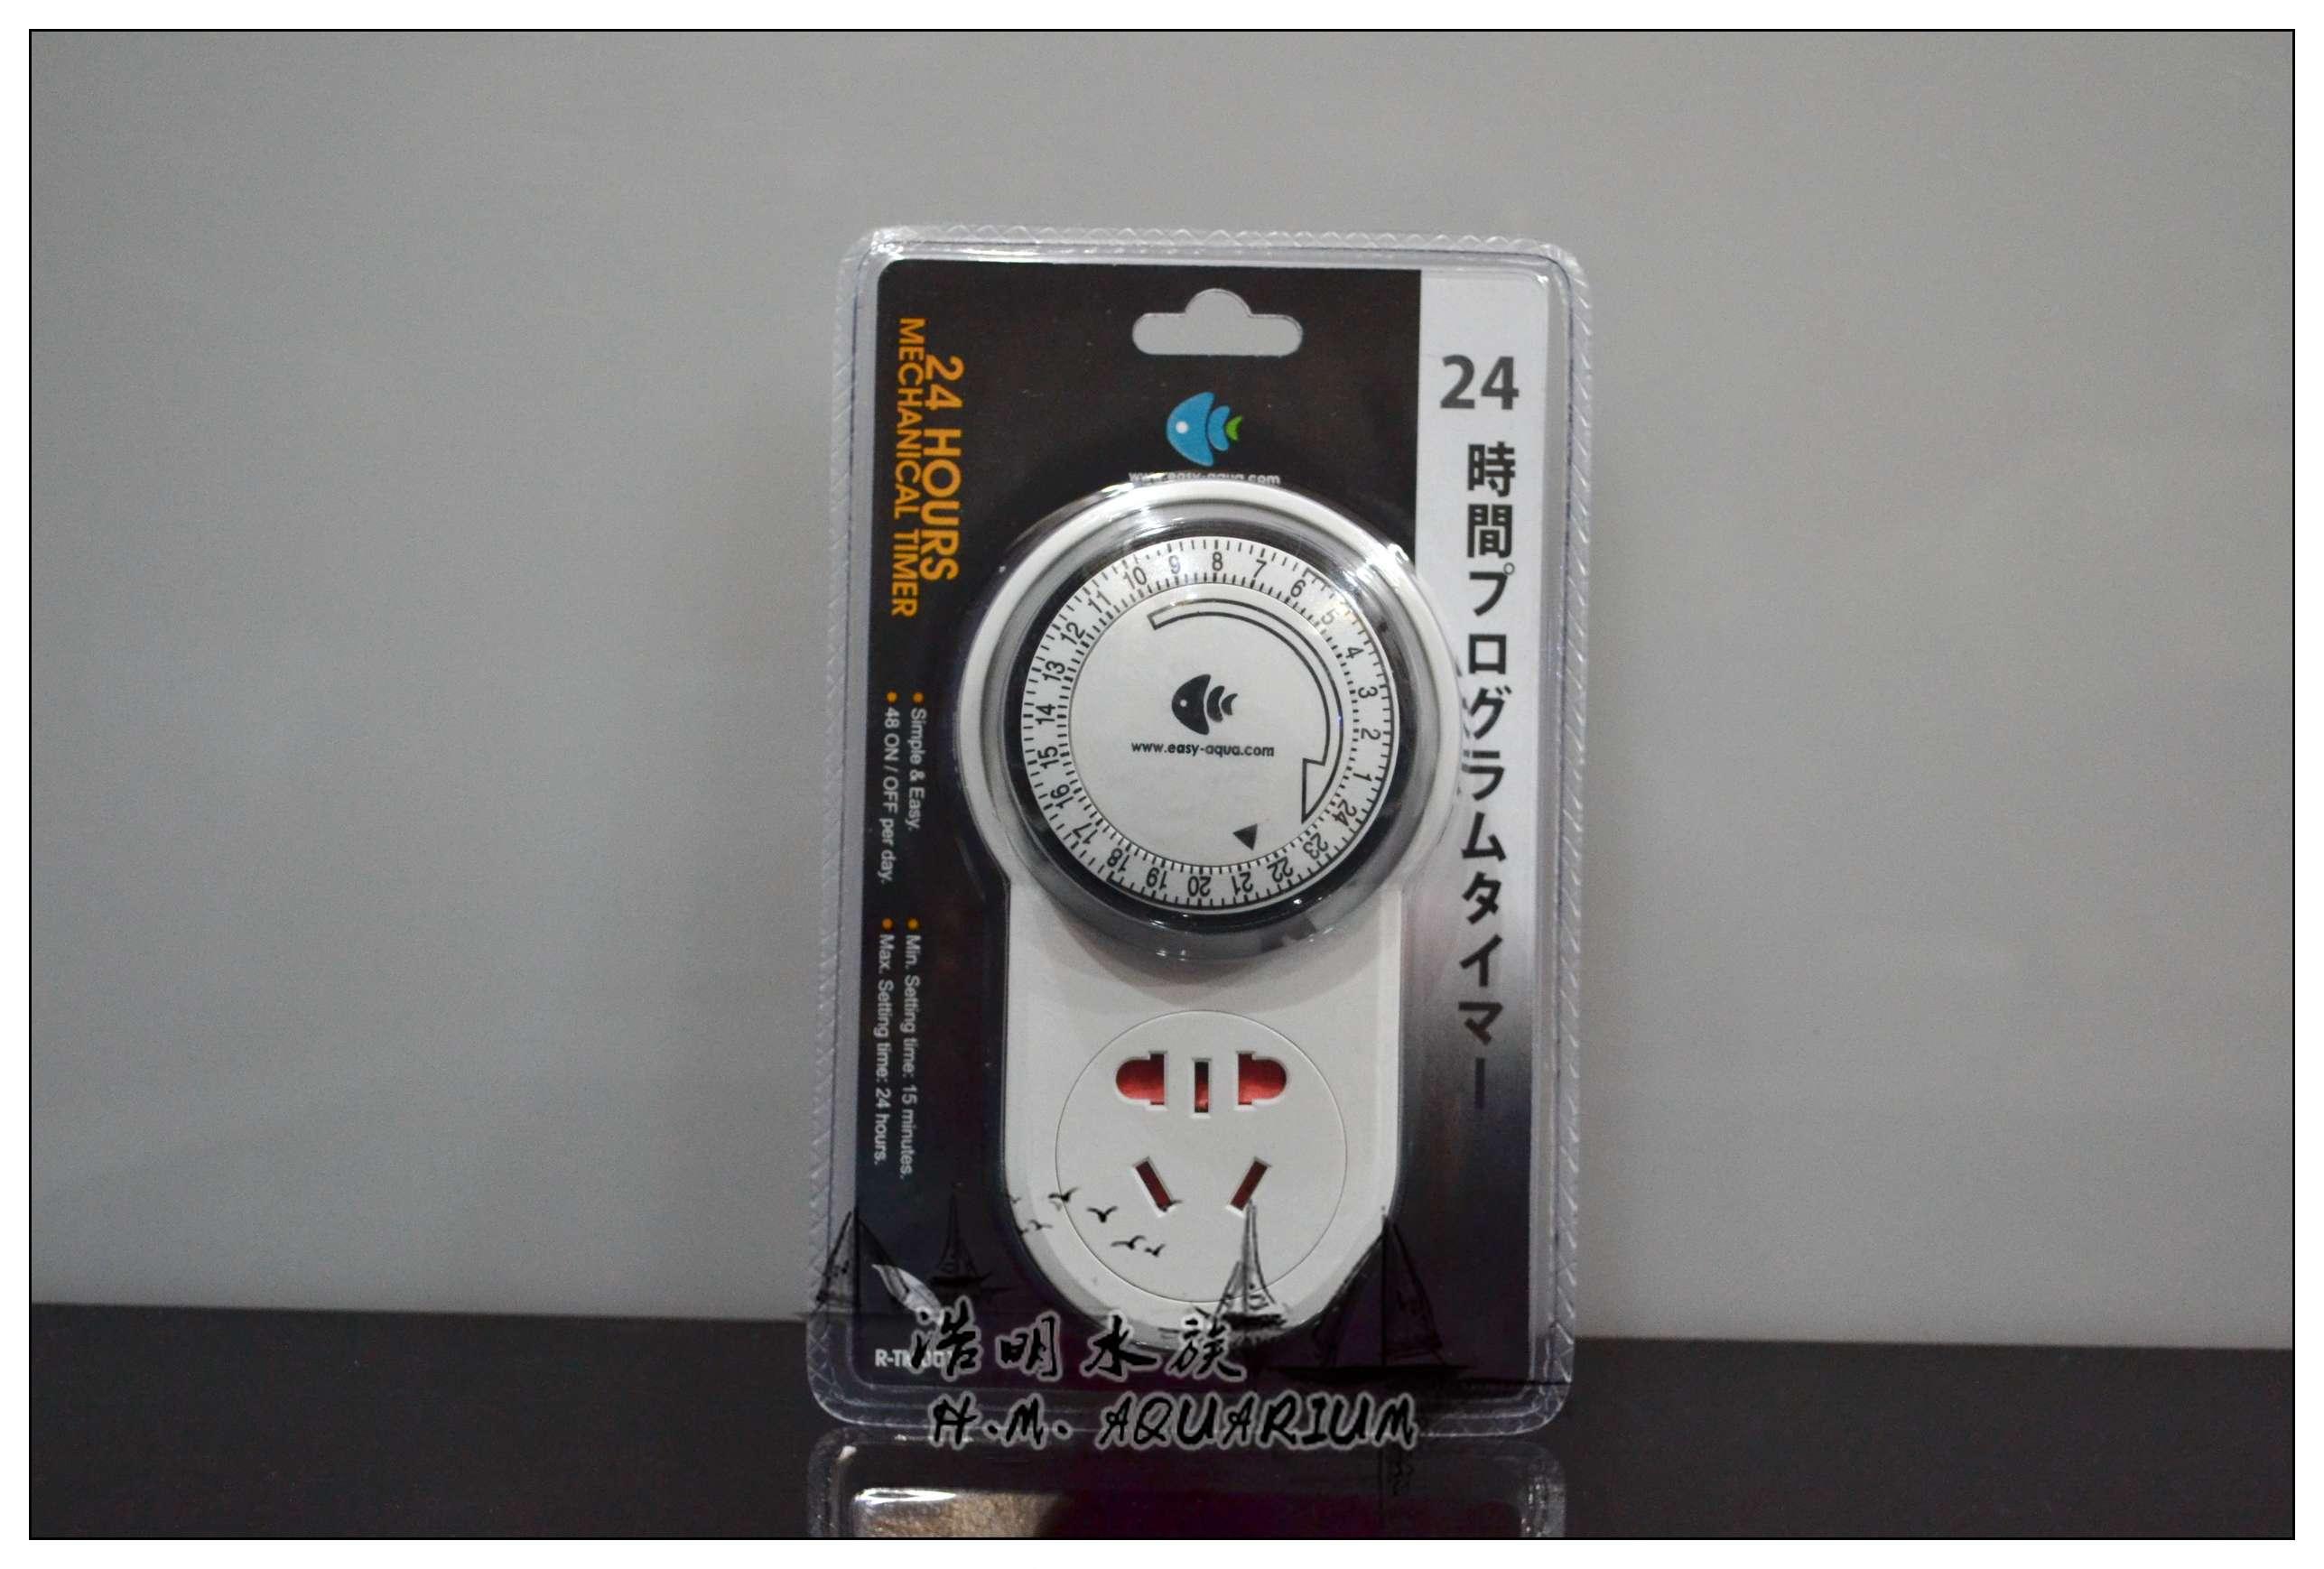 Автоматический контроль для аквариума Roy reed  24